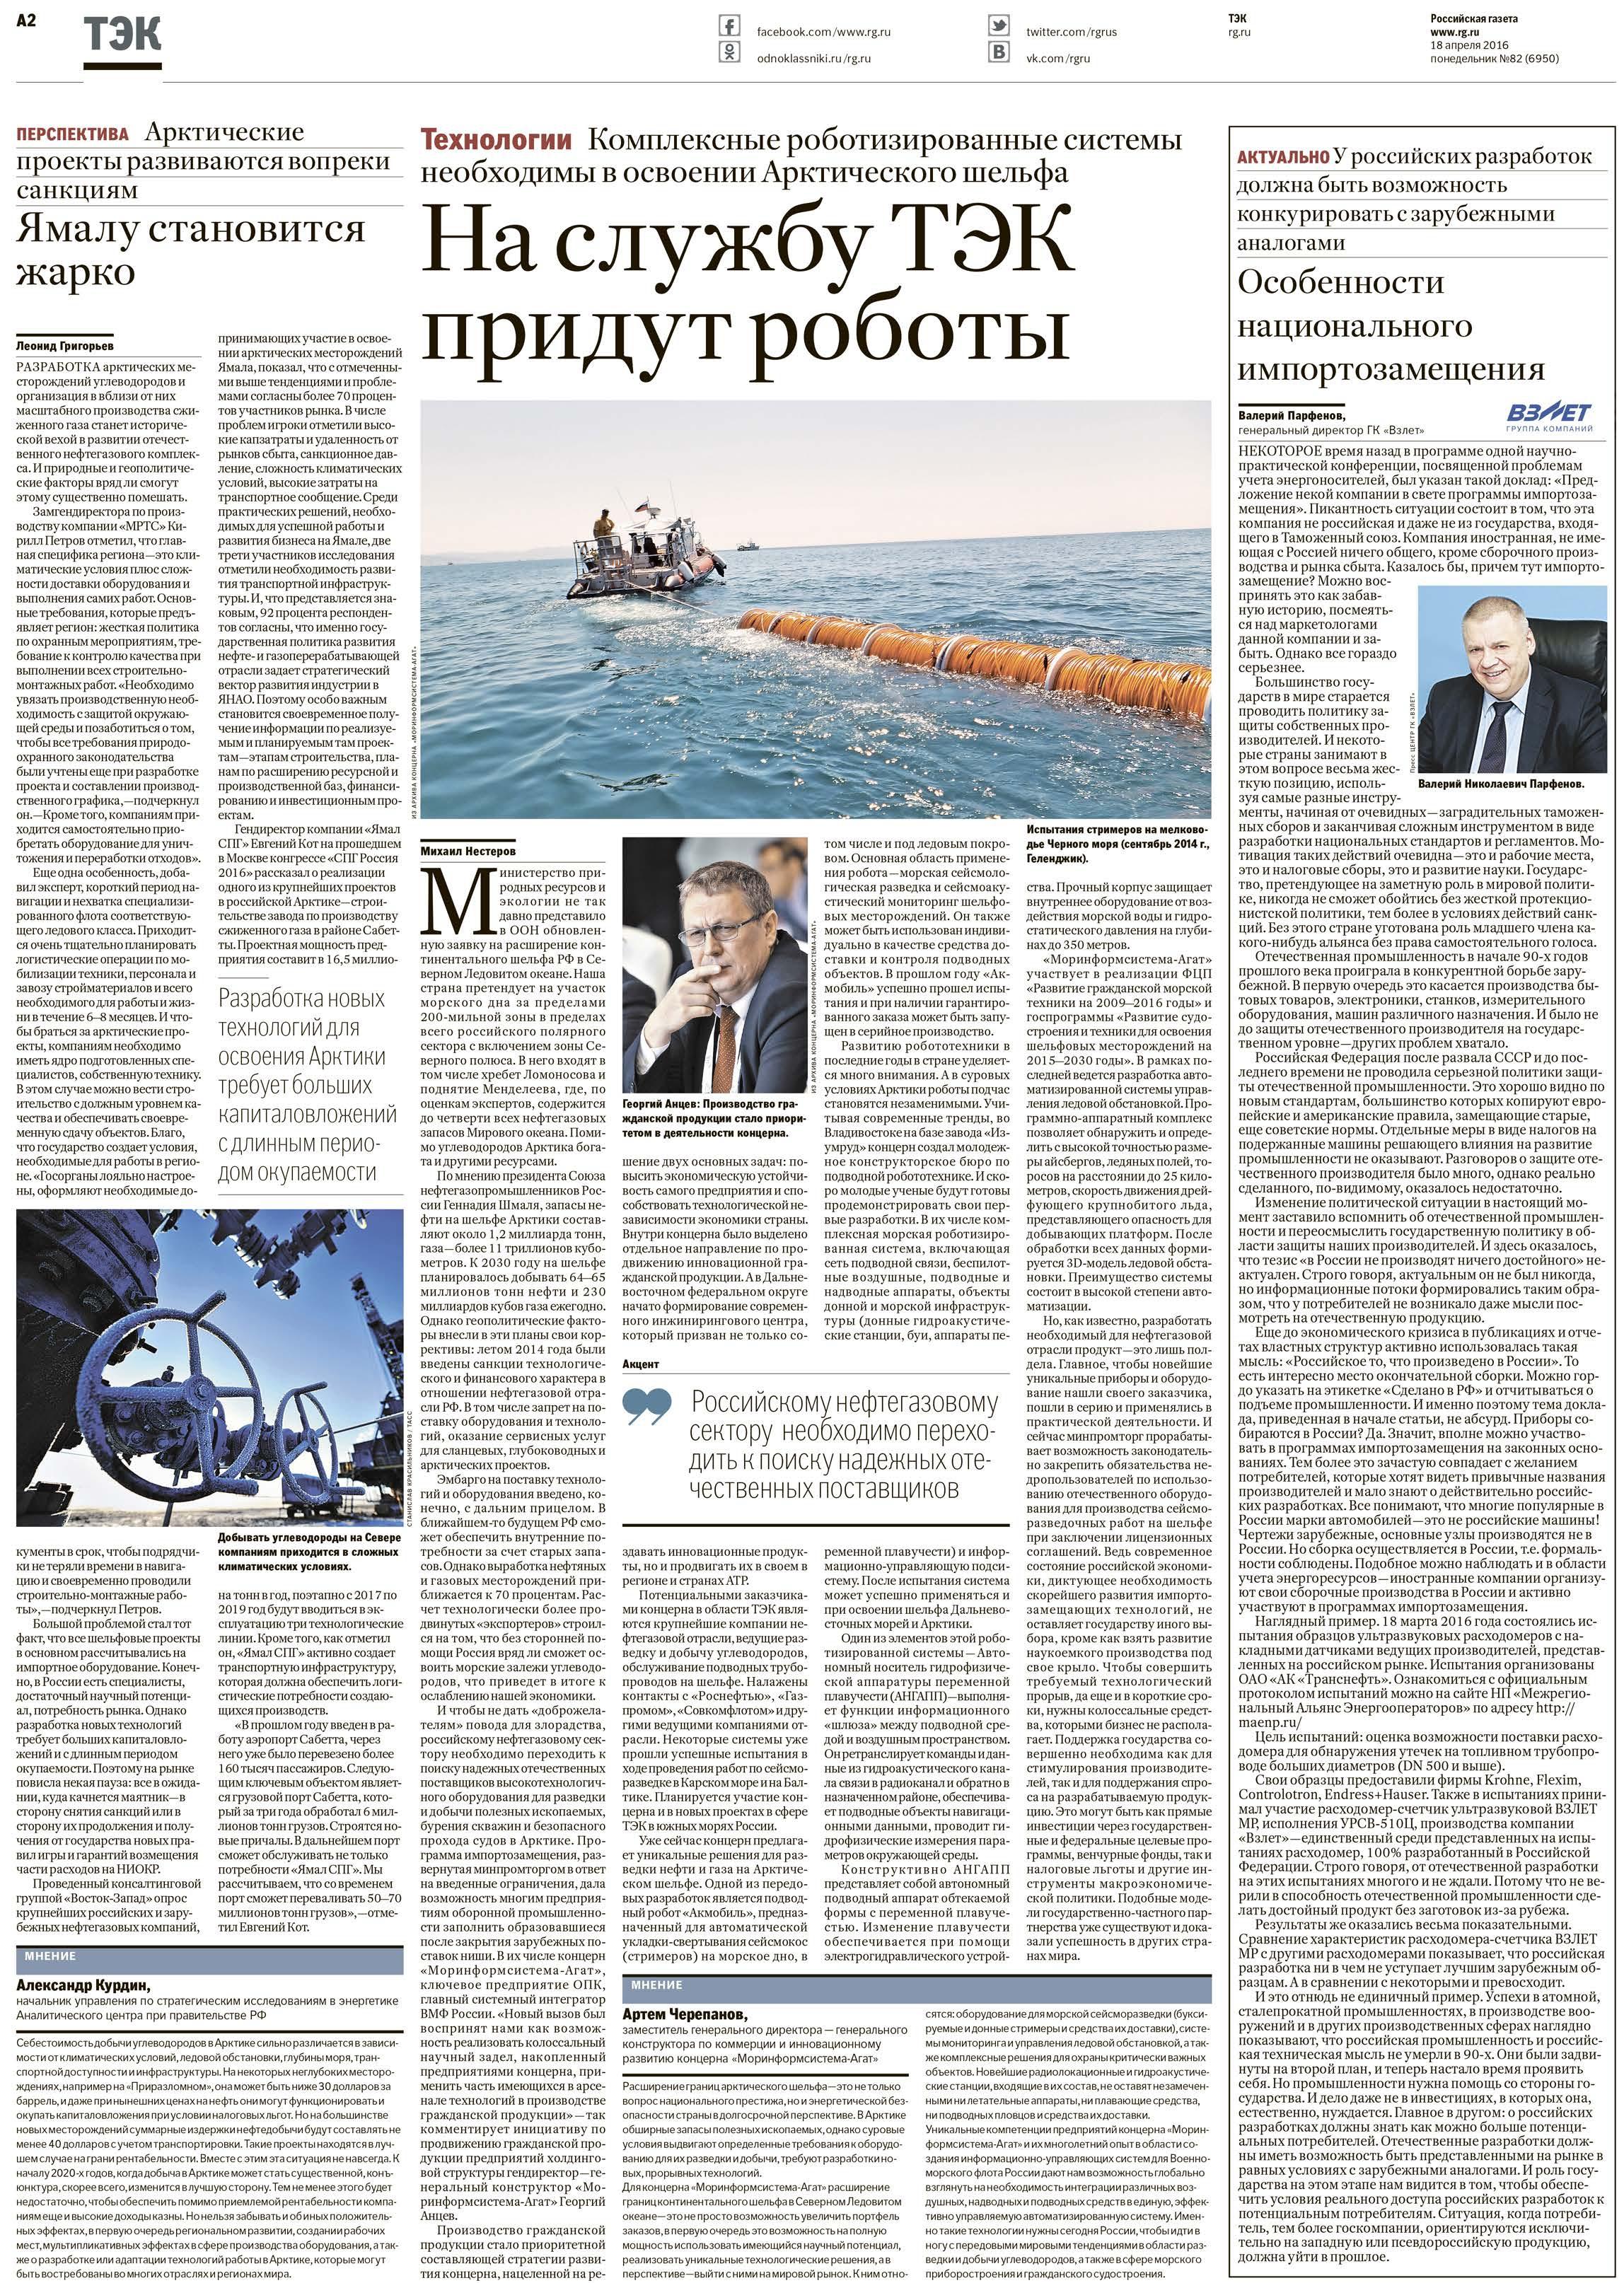 Российская газета 04 2016